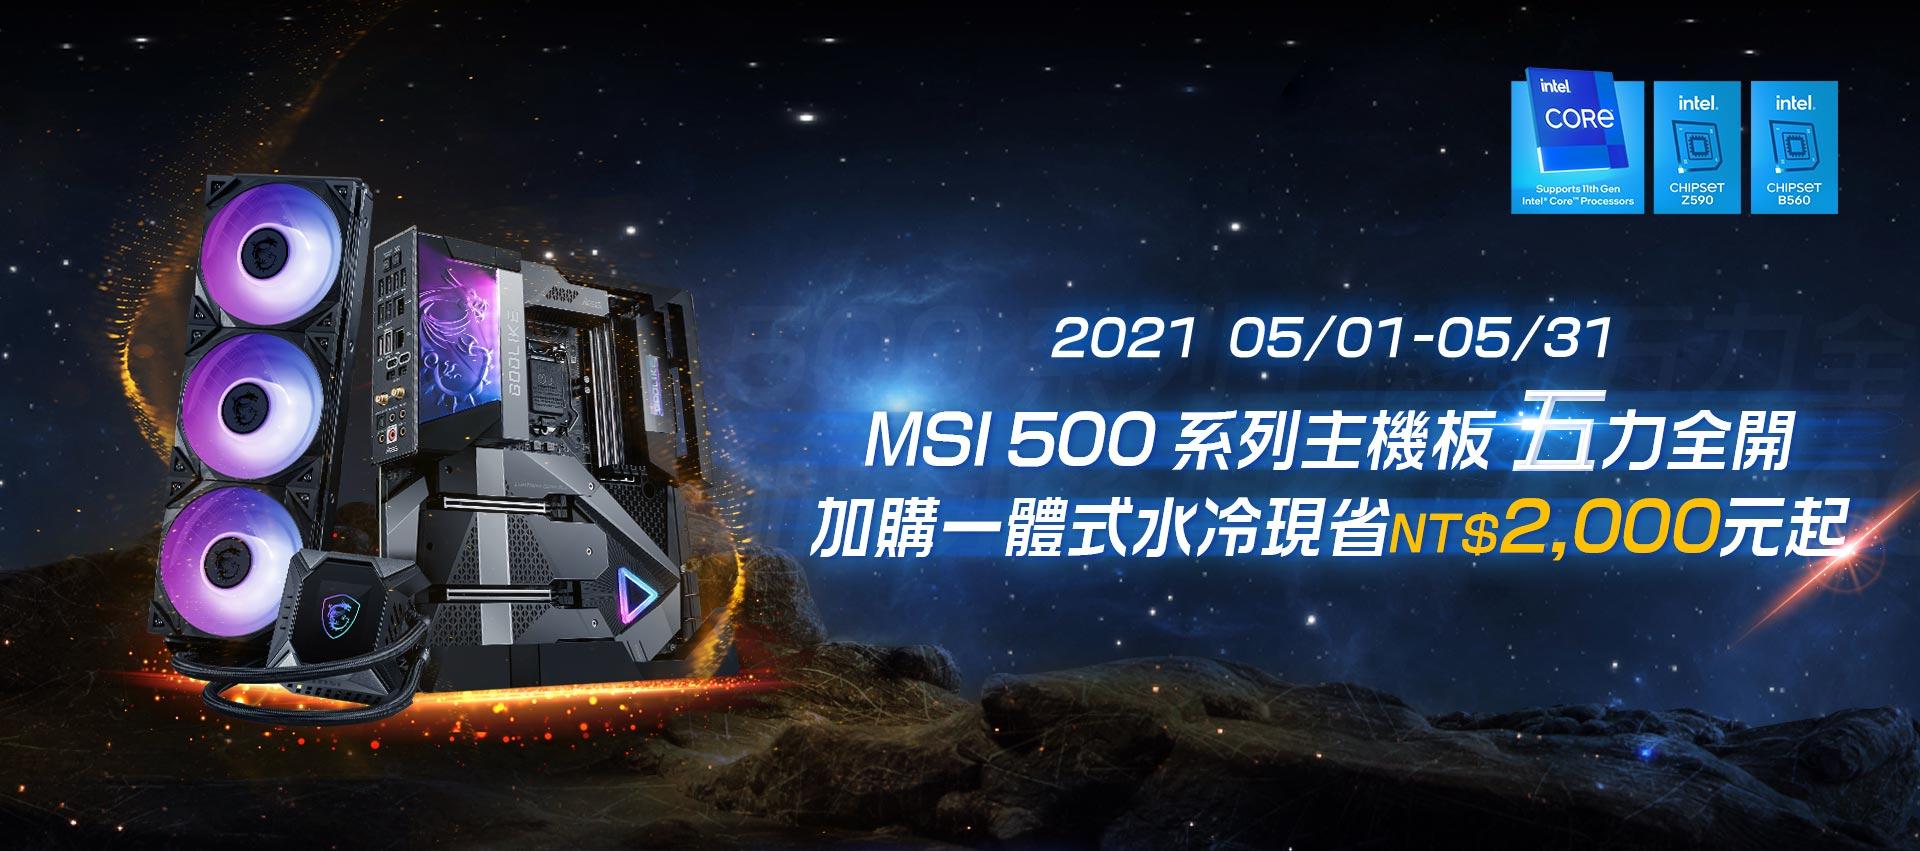 MSI 500 系列主機板五力全開 _加購一體式水冷現省 NT$2,000 元起